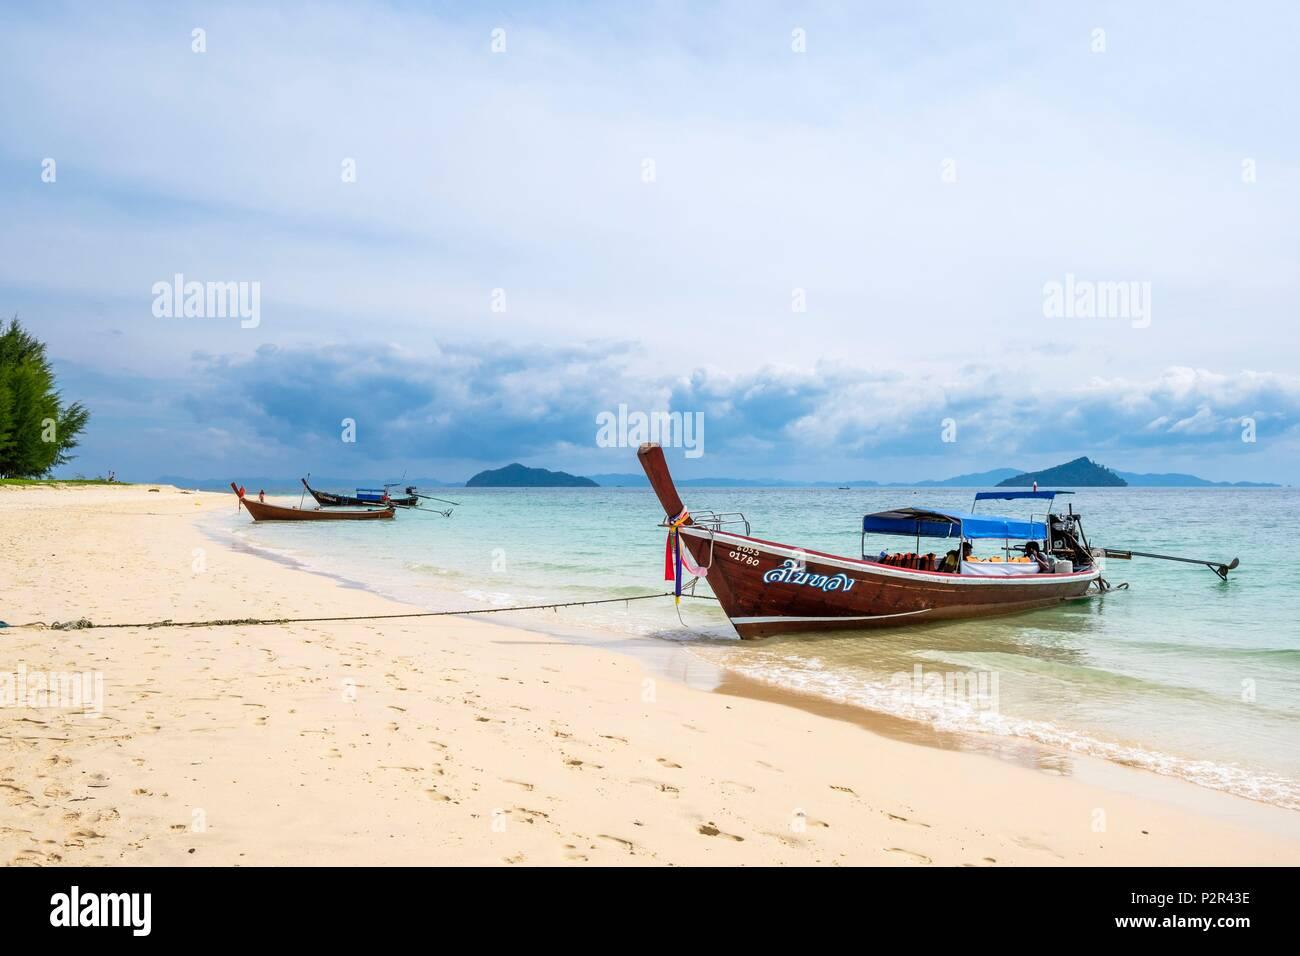 La Thaïlande, province de Phang Nga, Mu Ko Phetra Parc National Maritime, Ko Bulon Leh, l'île de la grande plage de sable blanc à l'Est de l'île Photo Stock